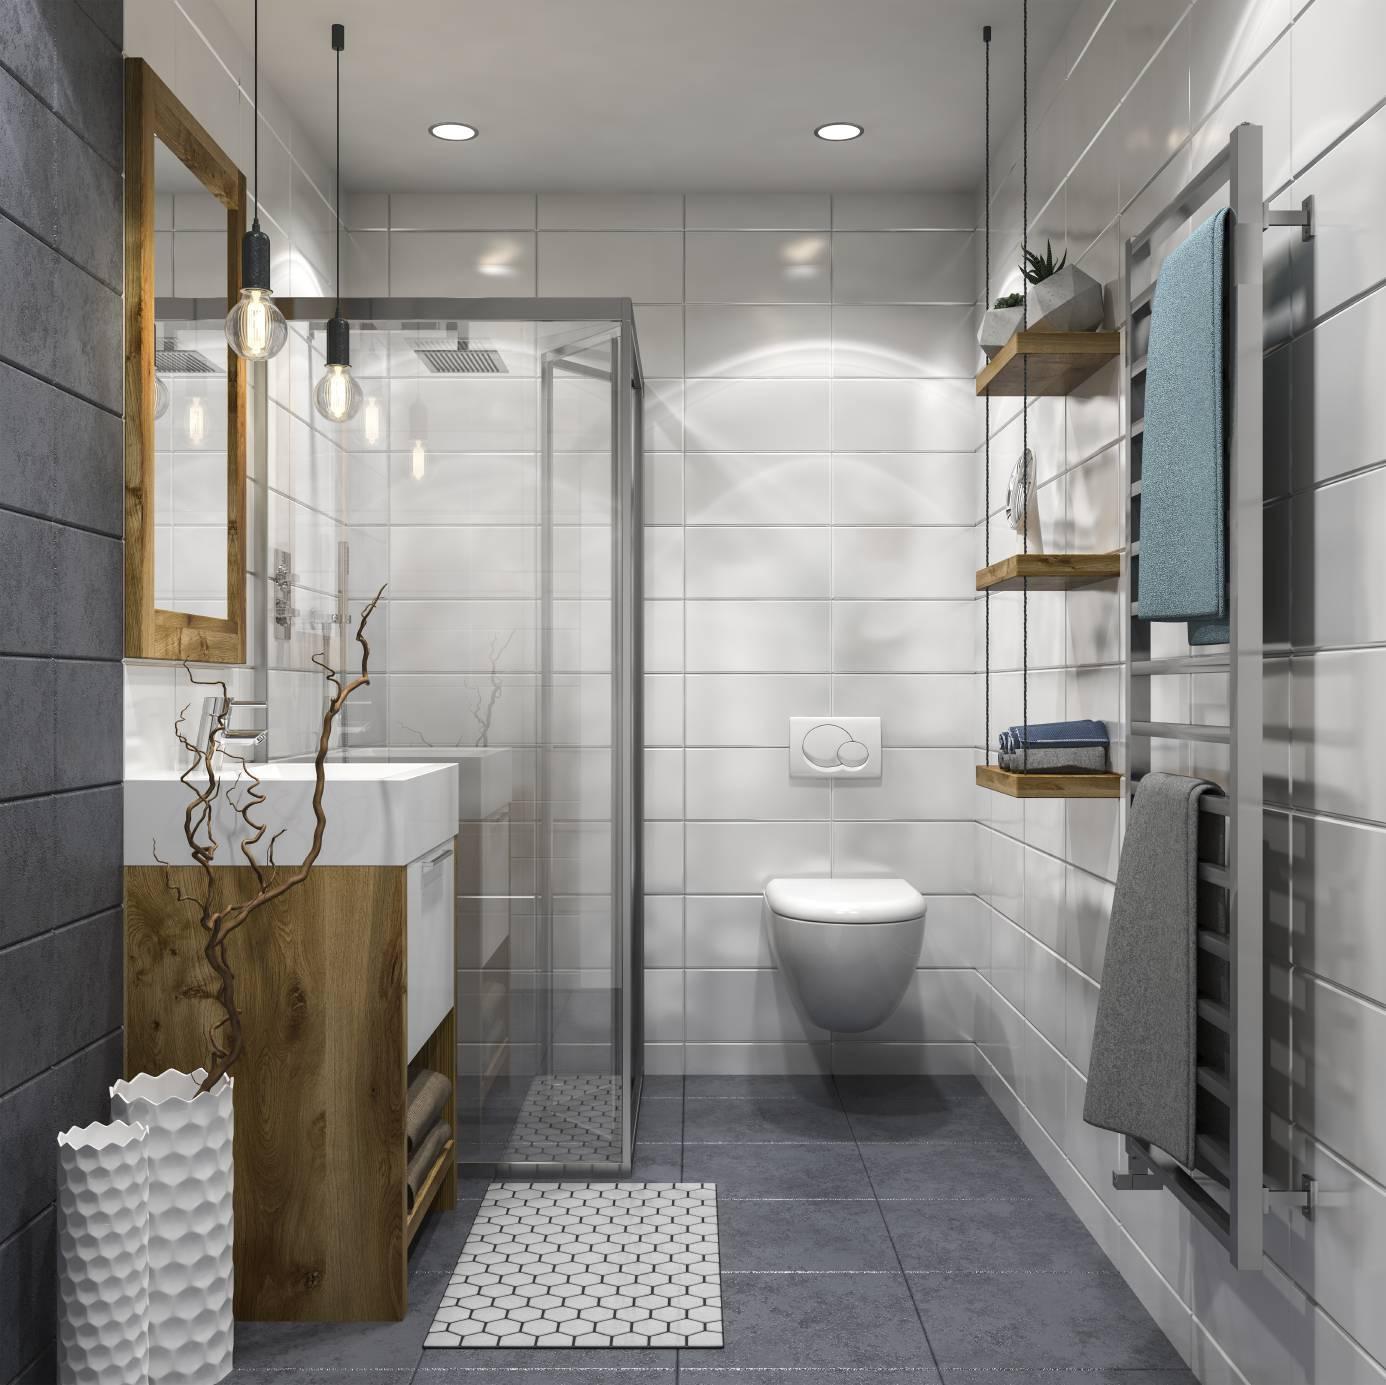 Conseils pour l 39 clairage de votre salle de bains for Eclairage design salle de bain